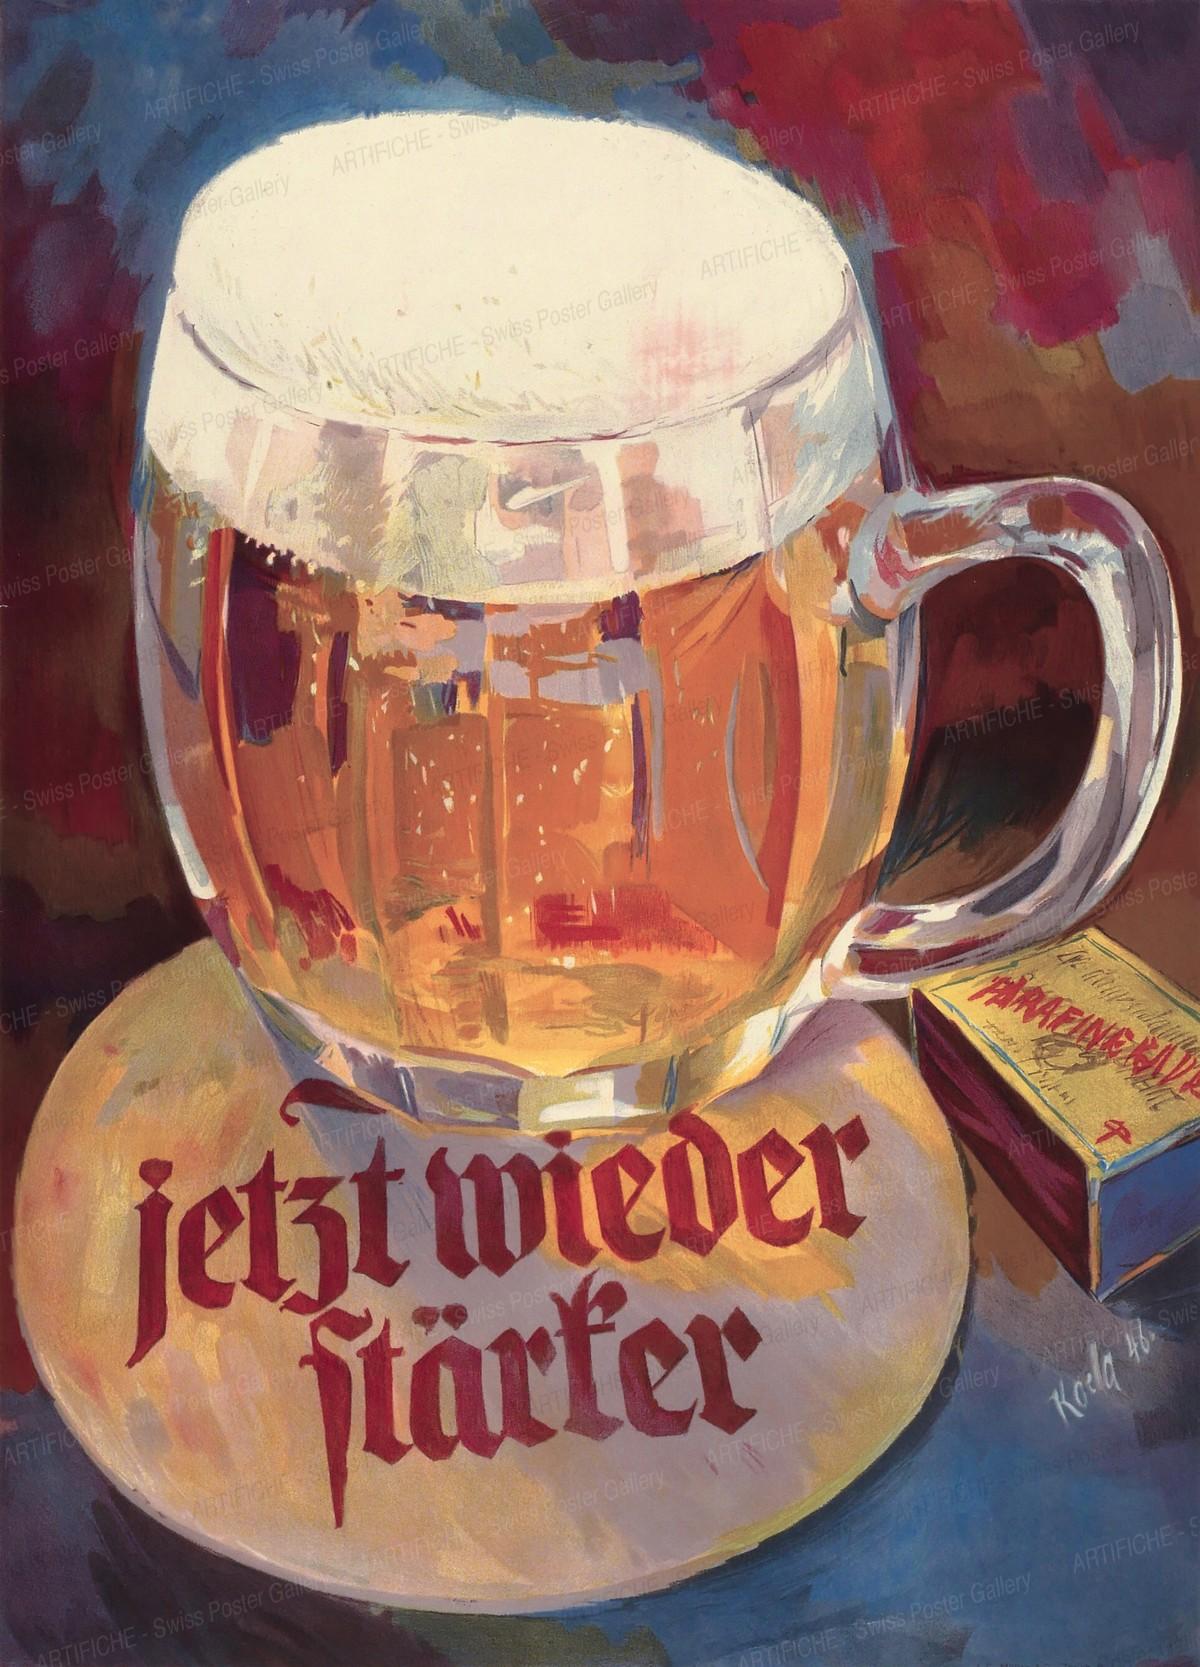 jetzt wieder stärker (Bier), Alfred Koella